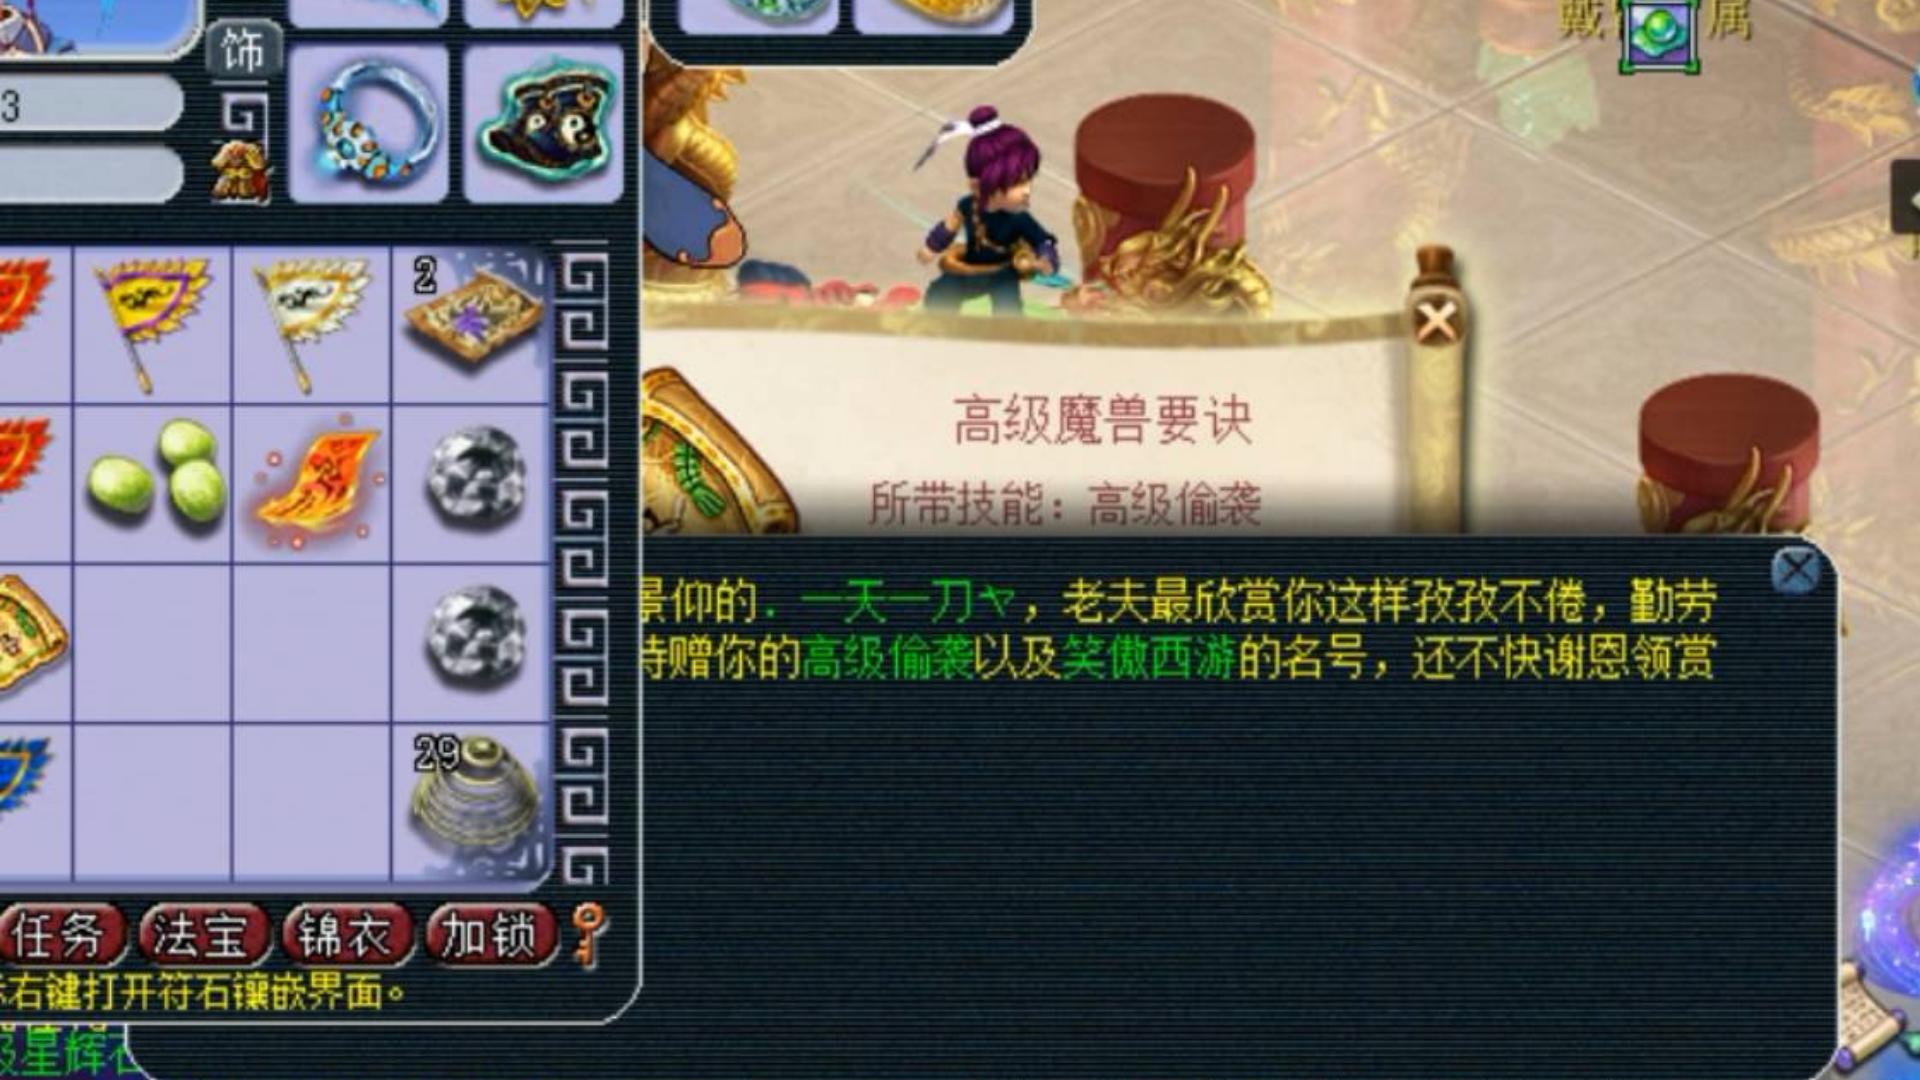 梦幻西游:老王的氪金号也达到百亿经验了,这高兽决给的再当拖!